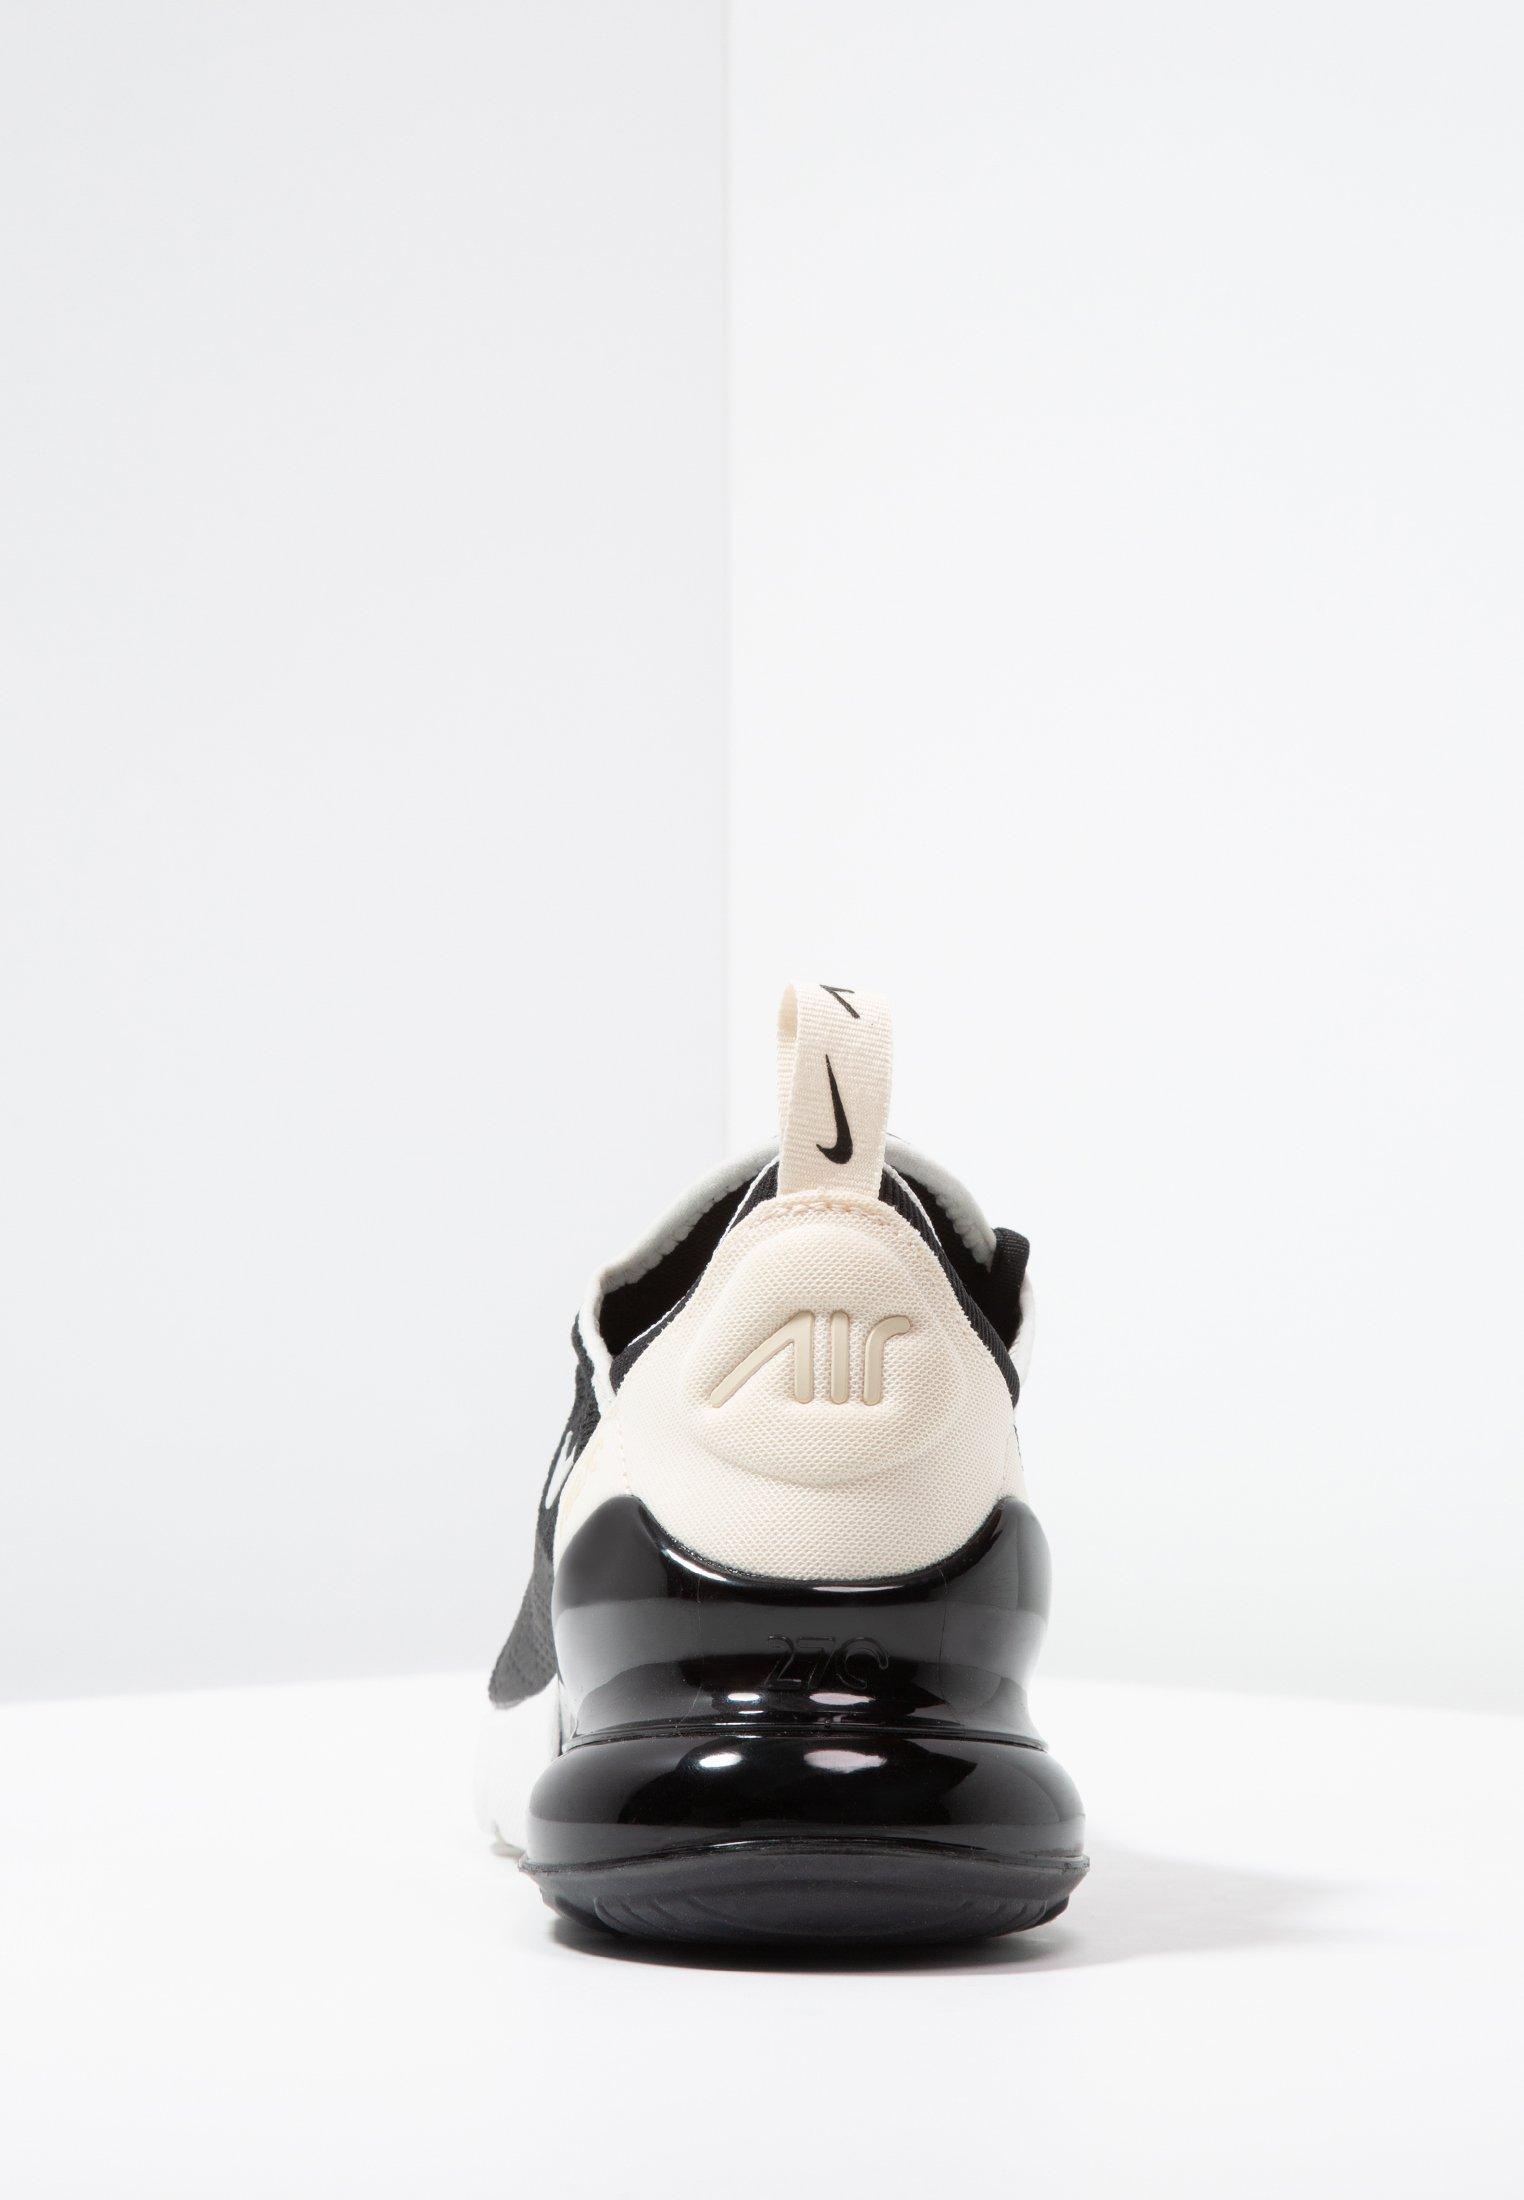 AIR MAX 270 Sneakers blacklight boneplatinum tintlight cream